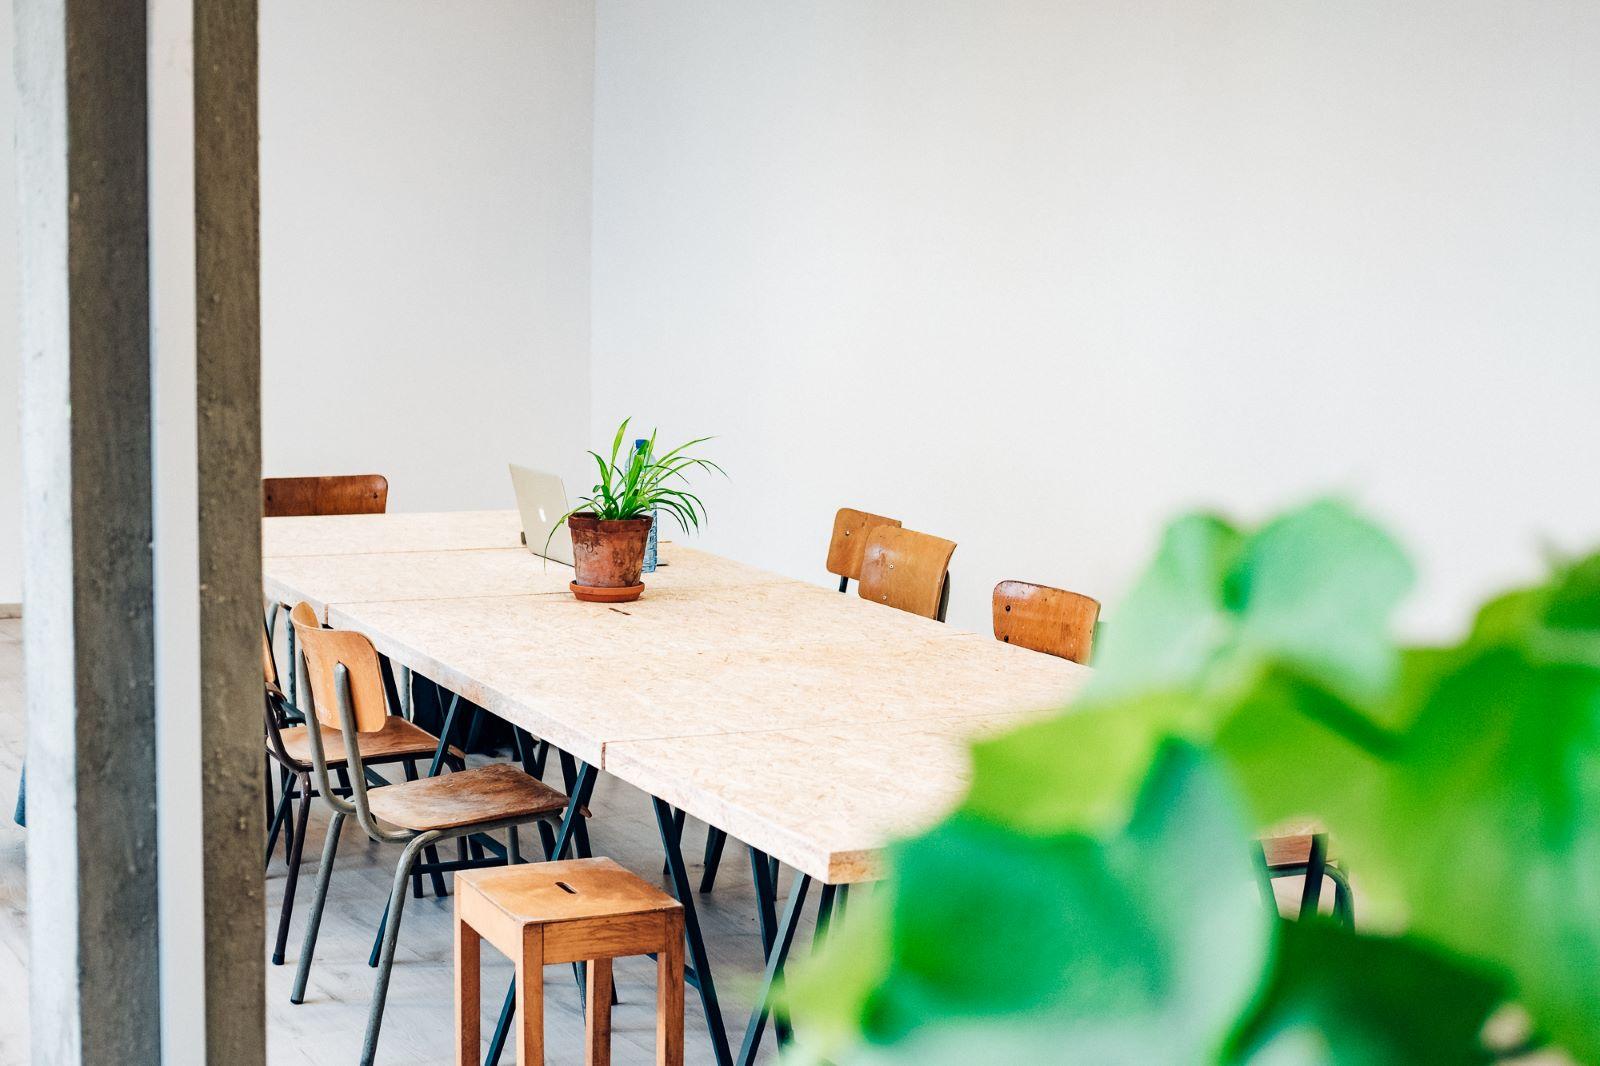 Zaal huren voor workshops Antwerpen - The Floor 03